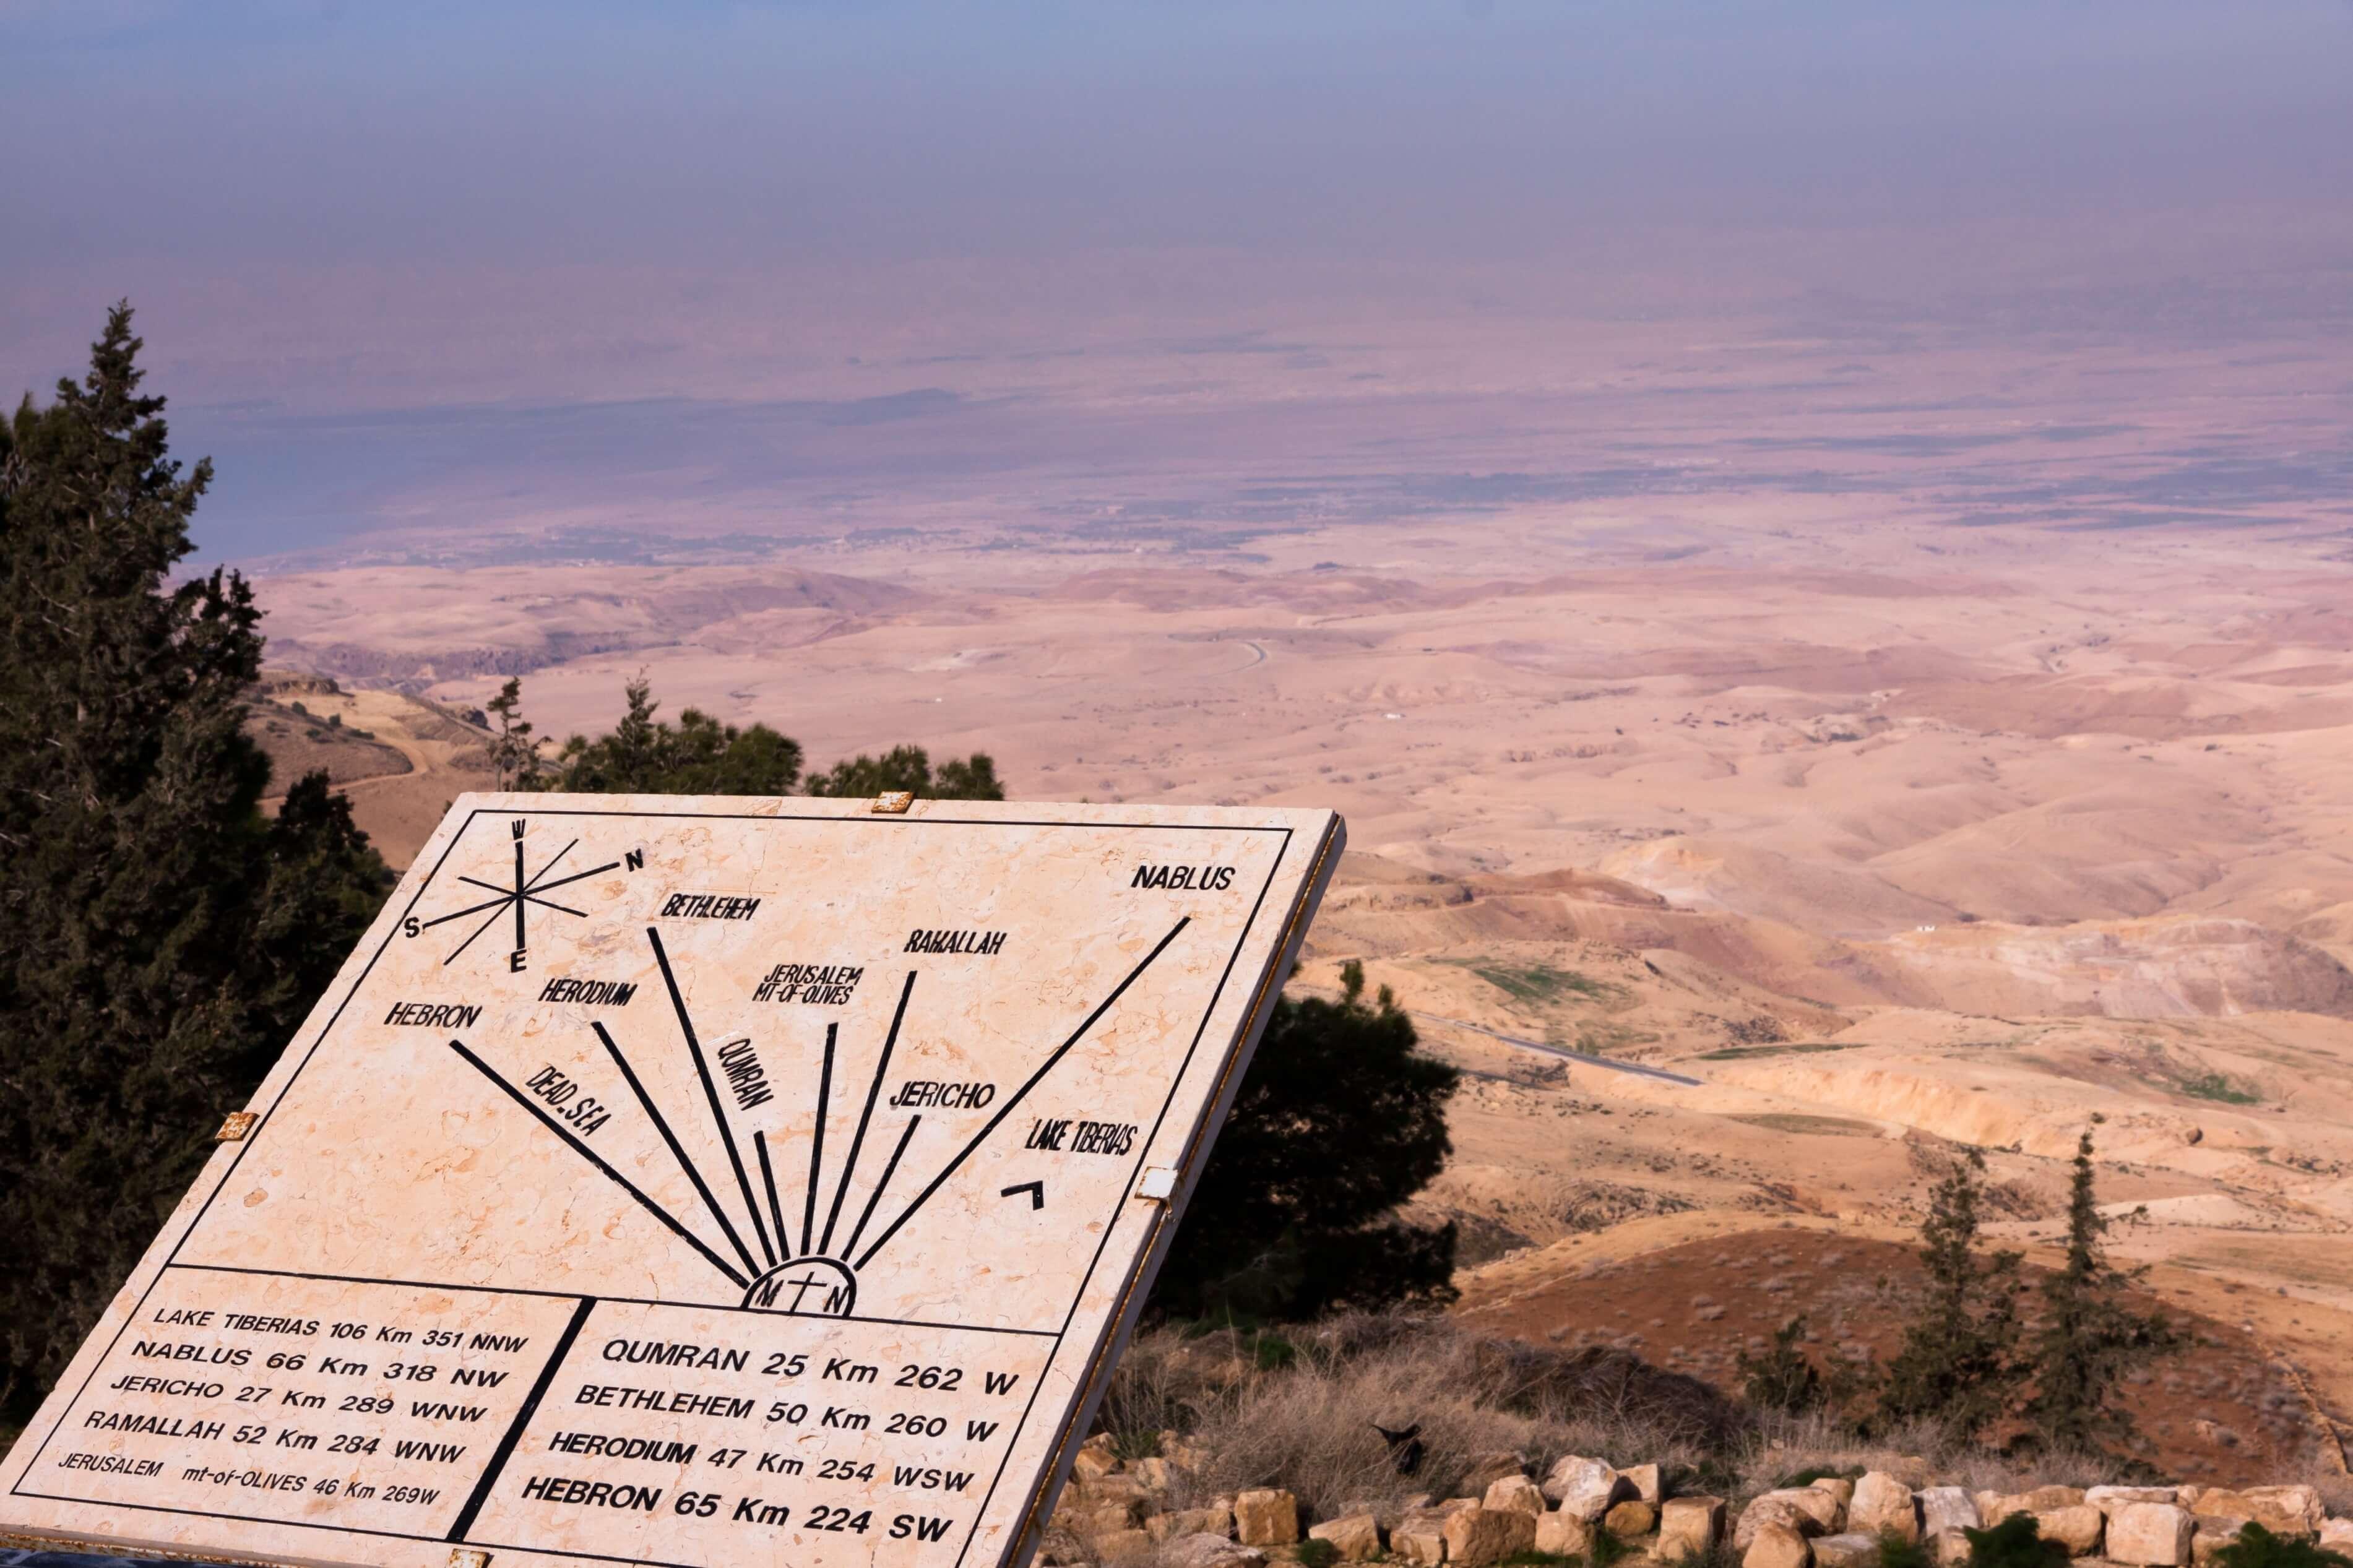 Biblical Sites in Jordan